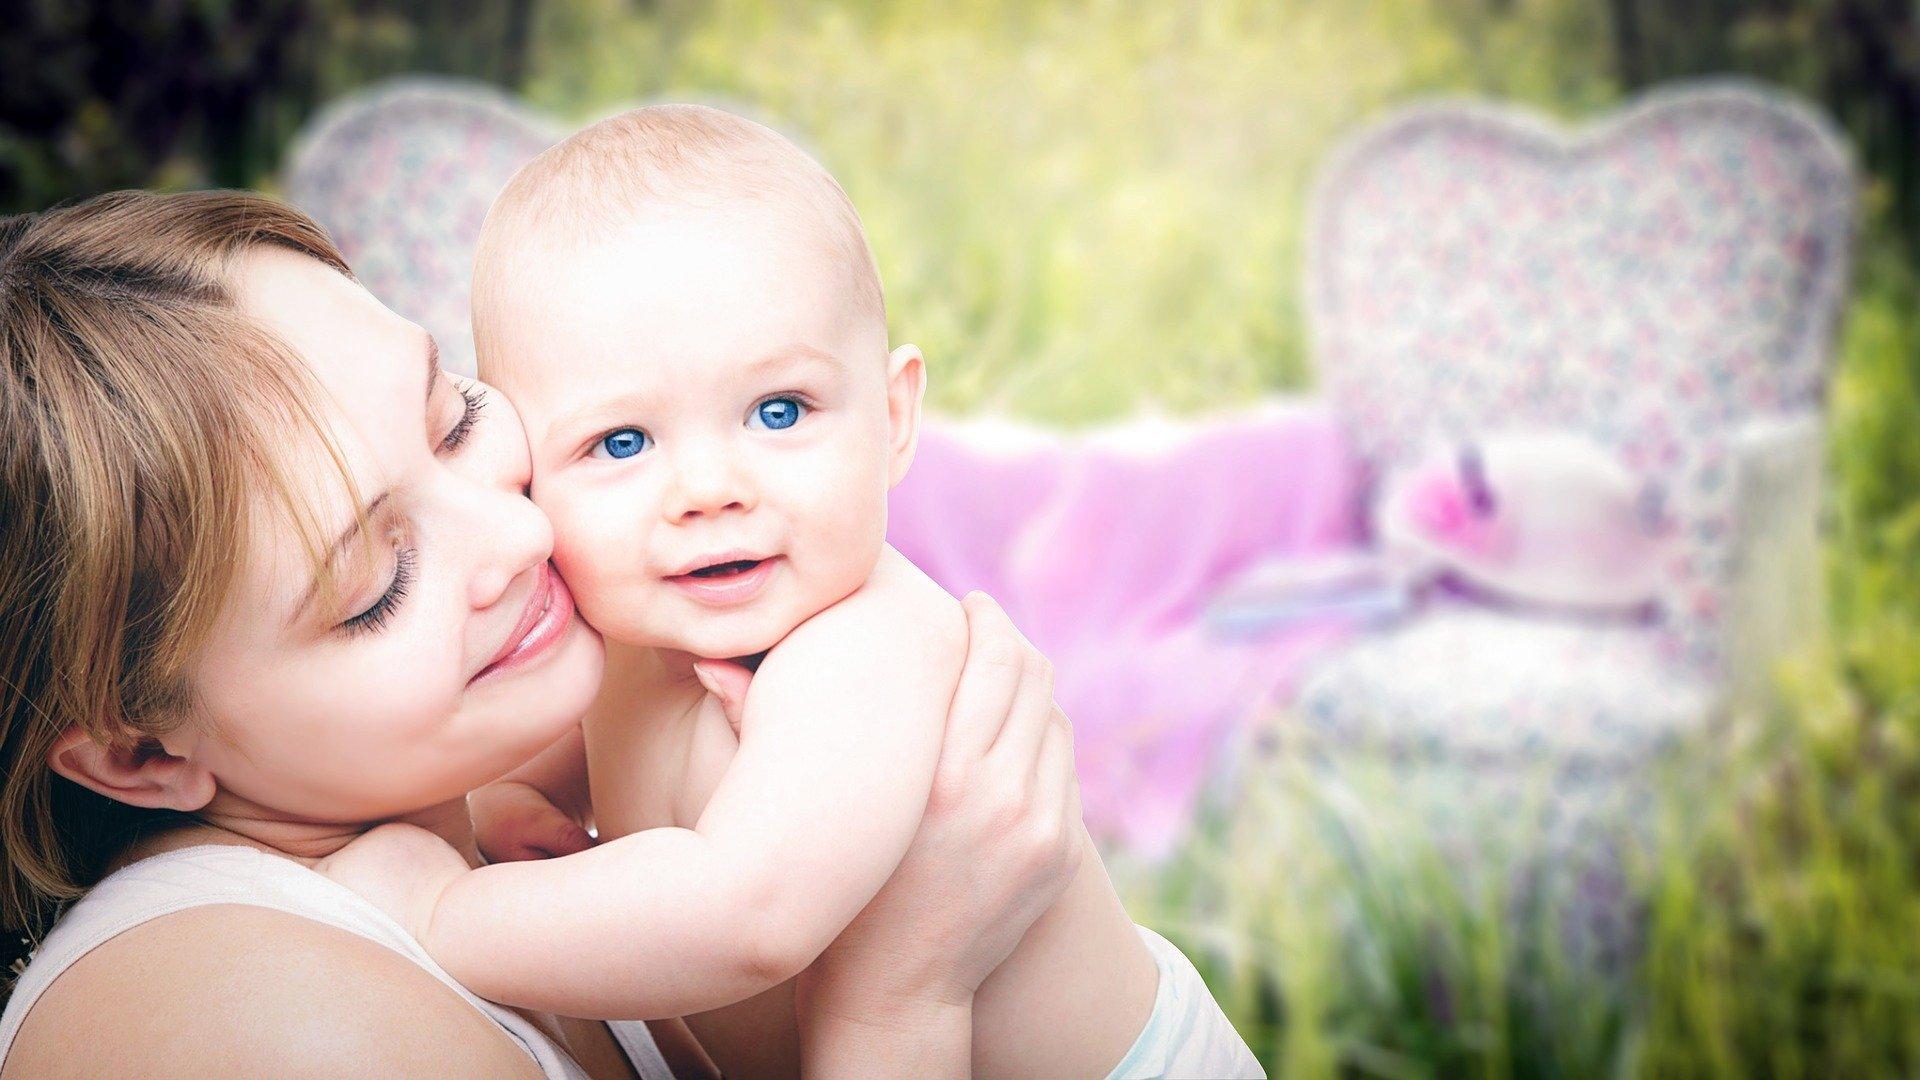 frasi per mamme:per ritrovare la motivazione e il coraggio